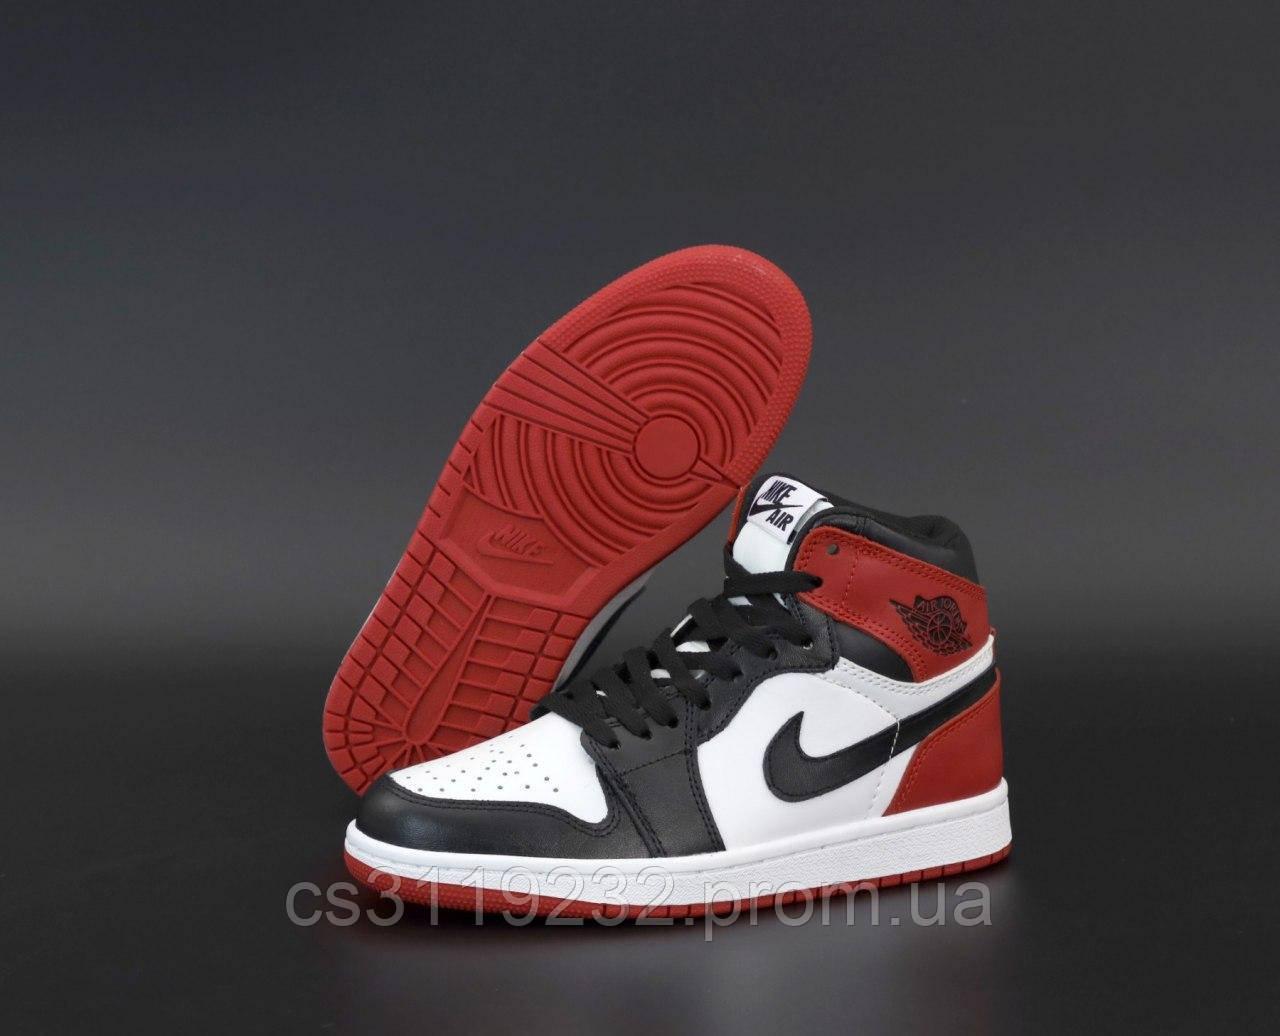 Женские кроссовки Air Jordan 1 Retro (белый/красный/черный)